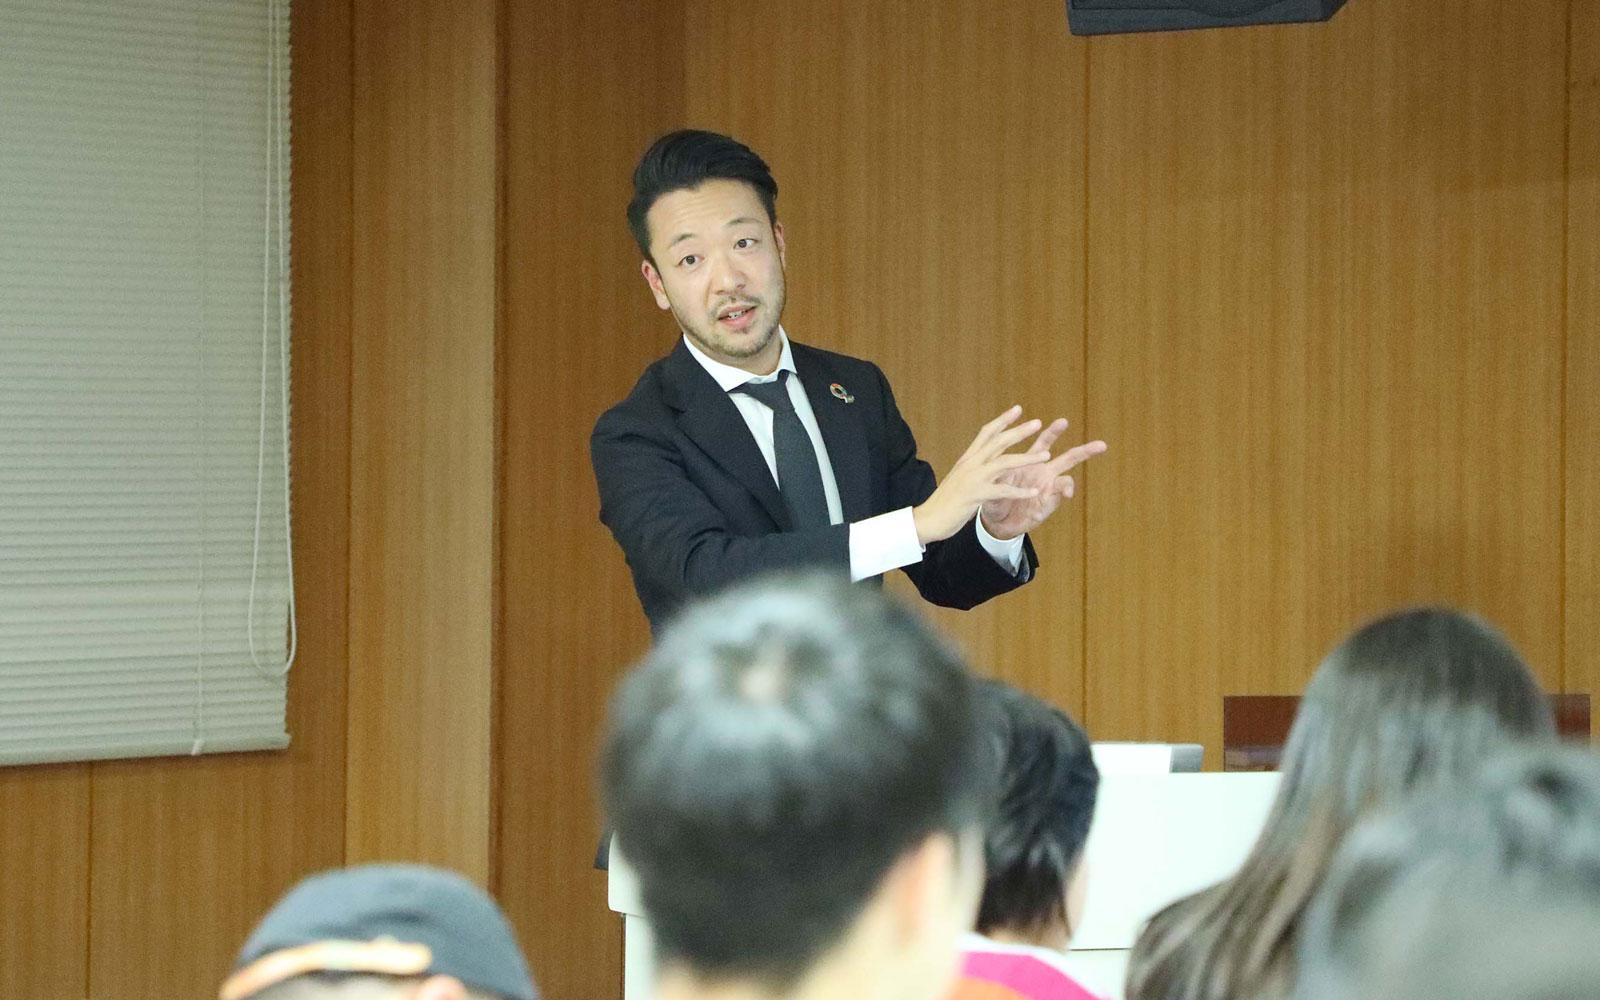 同志社大学でリブランディング特別セミナーを実施。